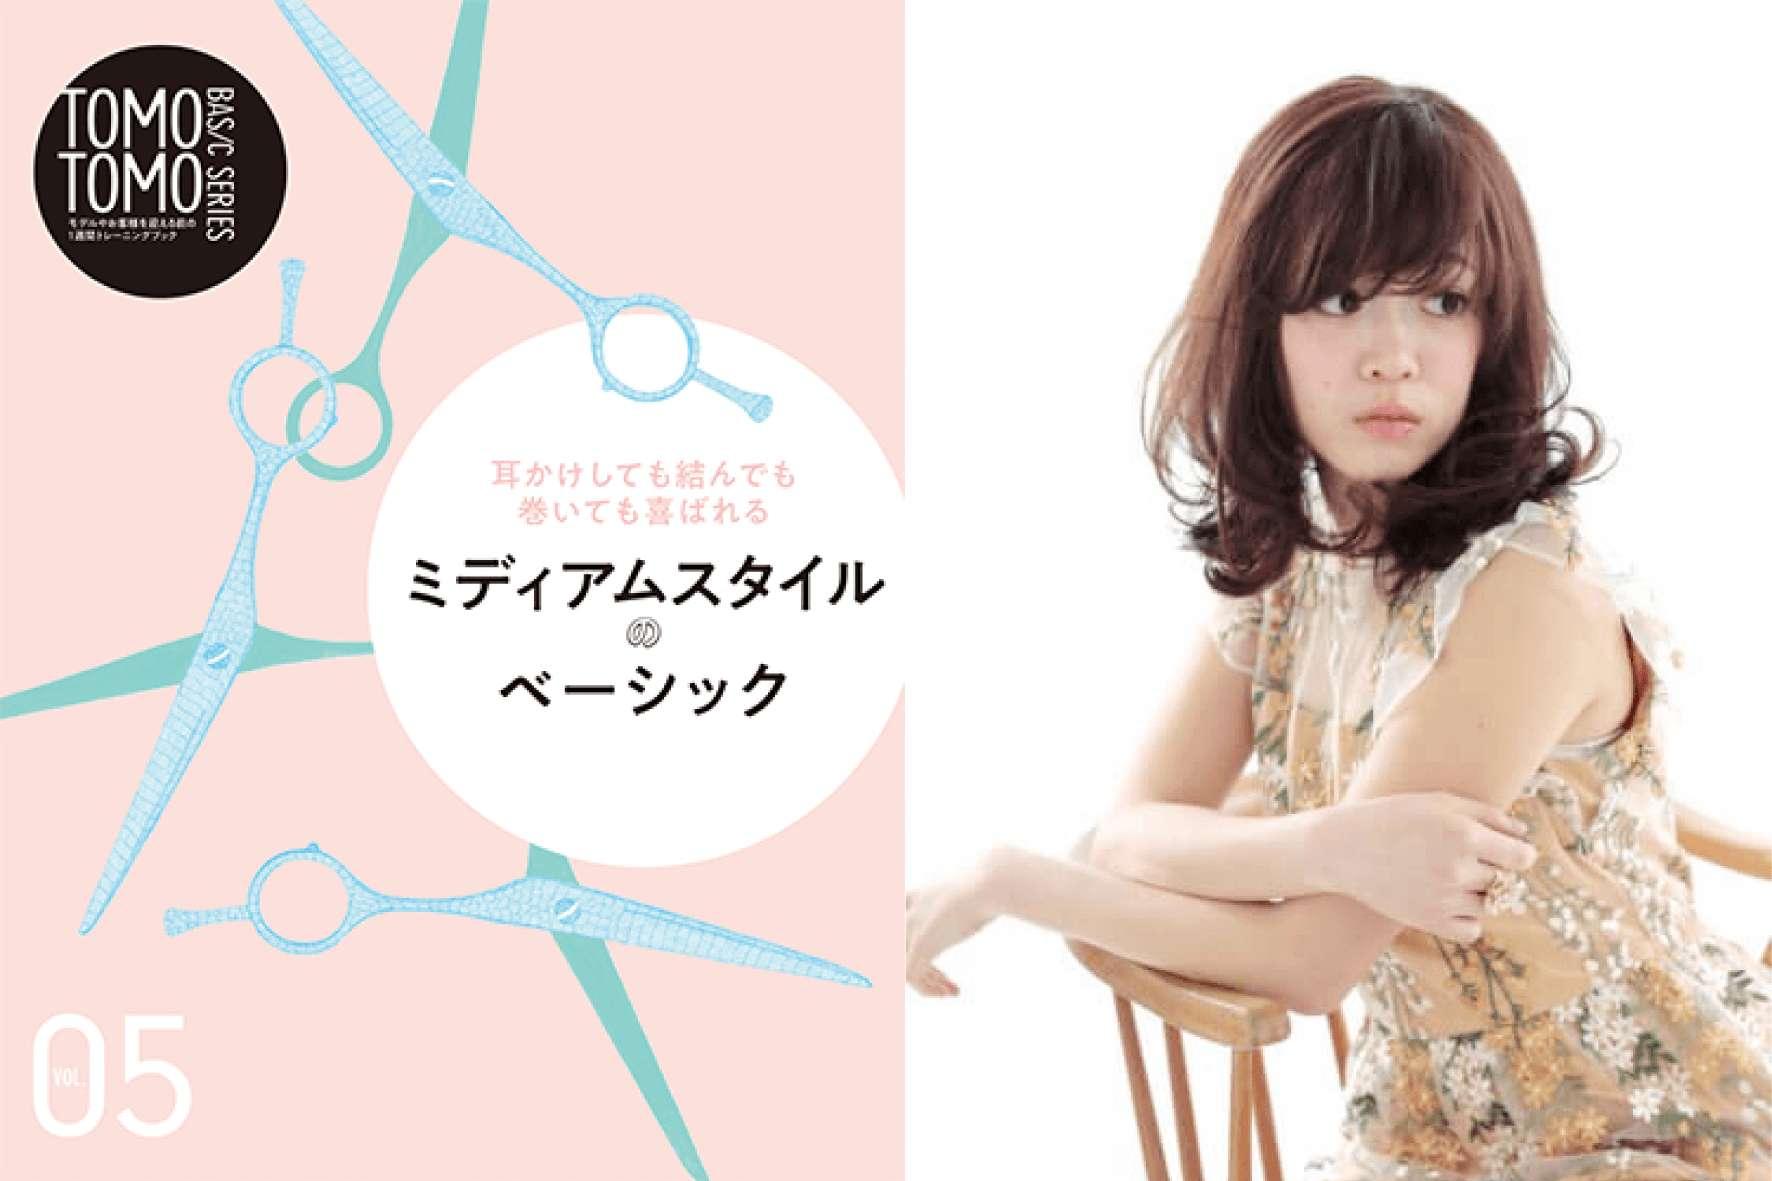 TOMOTOMO BASIC SERIES VOL.05 ミディアムスタイルのベーシック